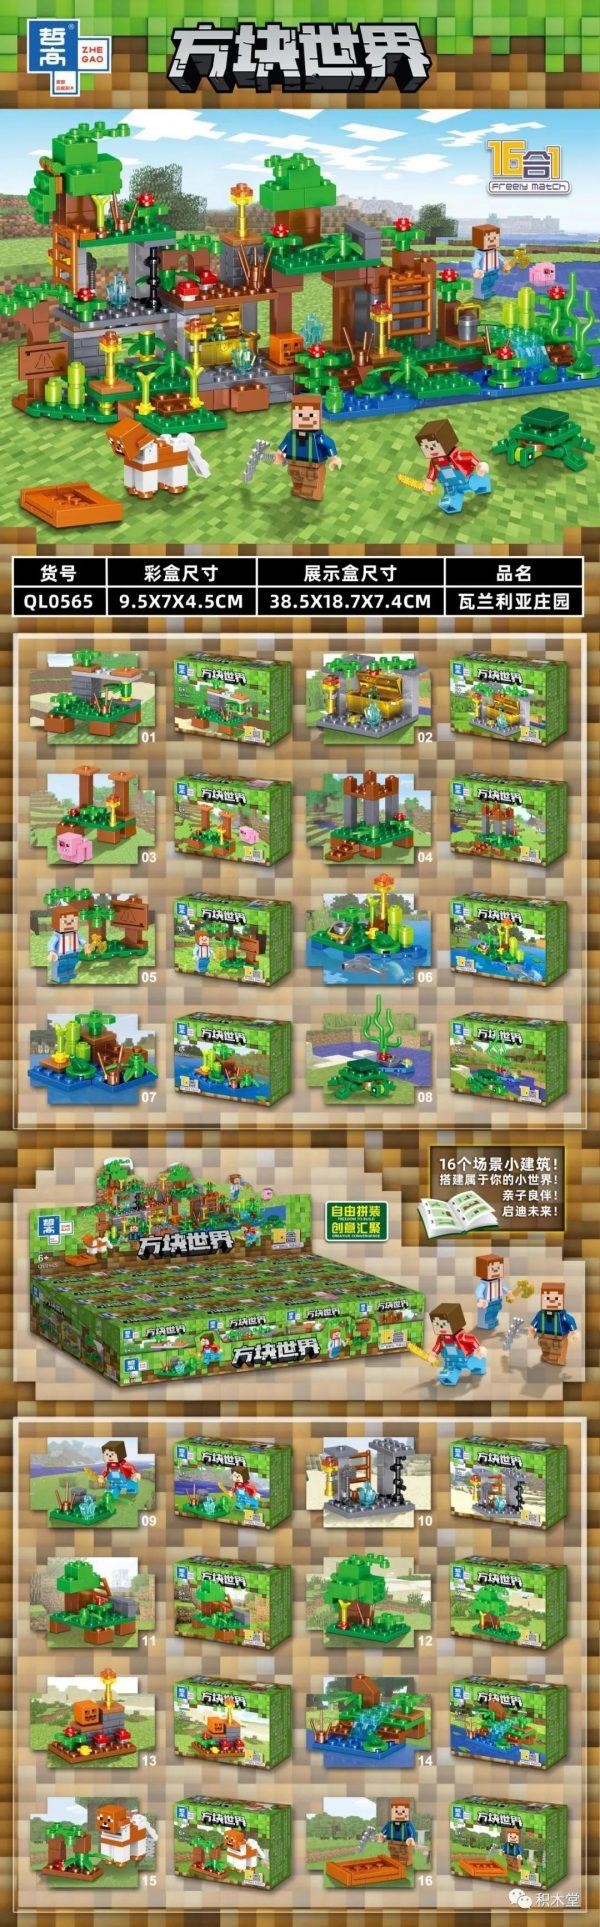 ZHEGAO QL0565 Block World: 16 combinations of Valanlia Manor. 0